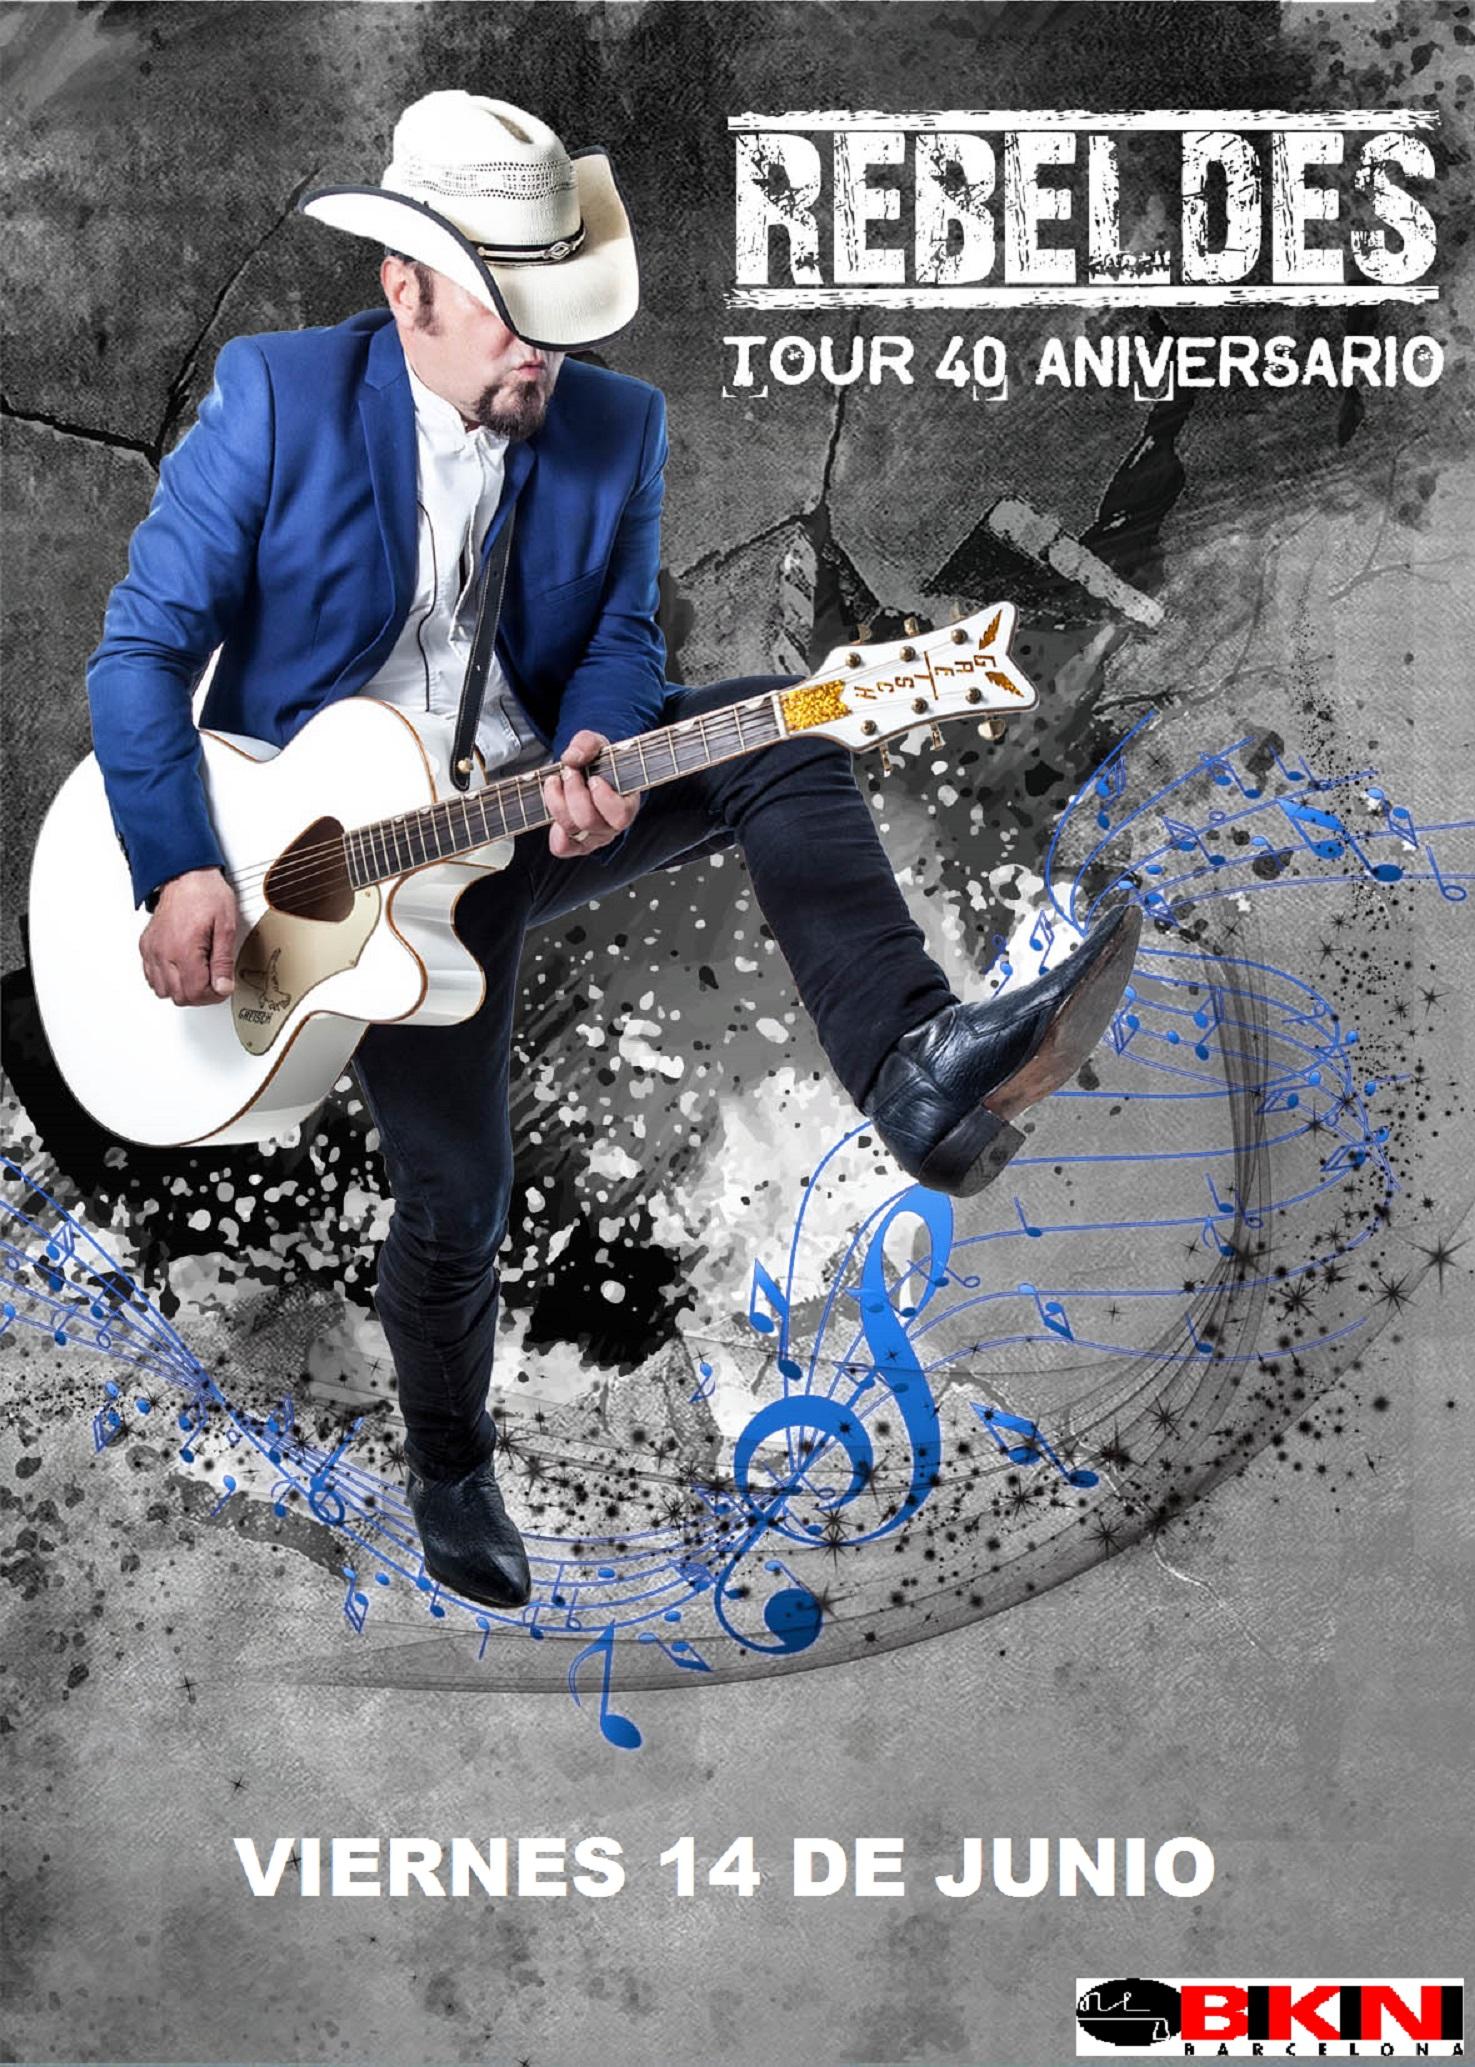 THIS TOWN ROCKS! Agenda de Conciertos - Página 30 REBELDES-TOUR-40-ANIVERSARIO